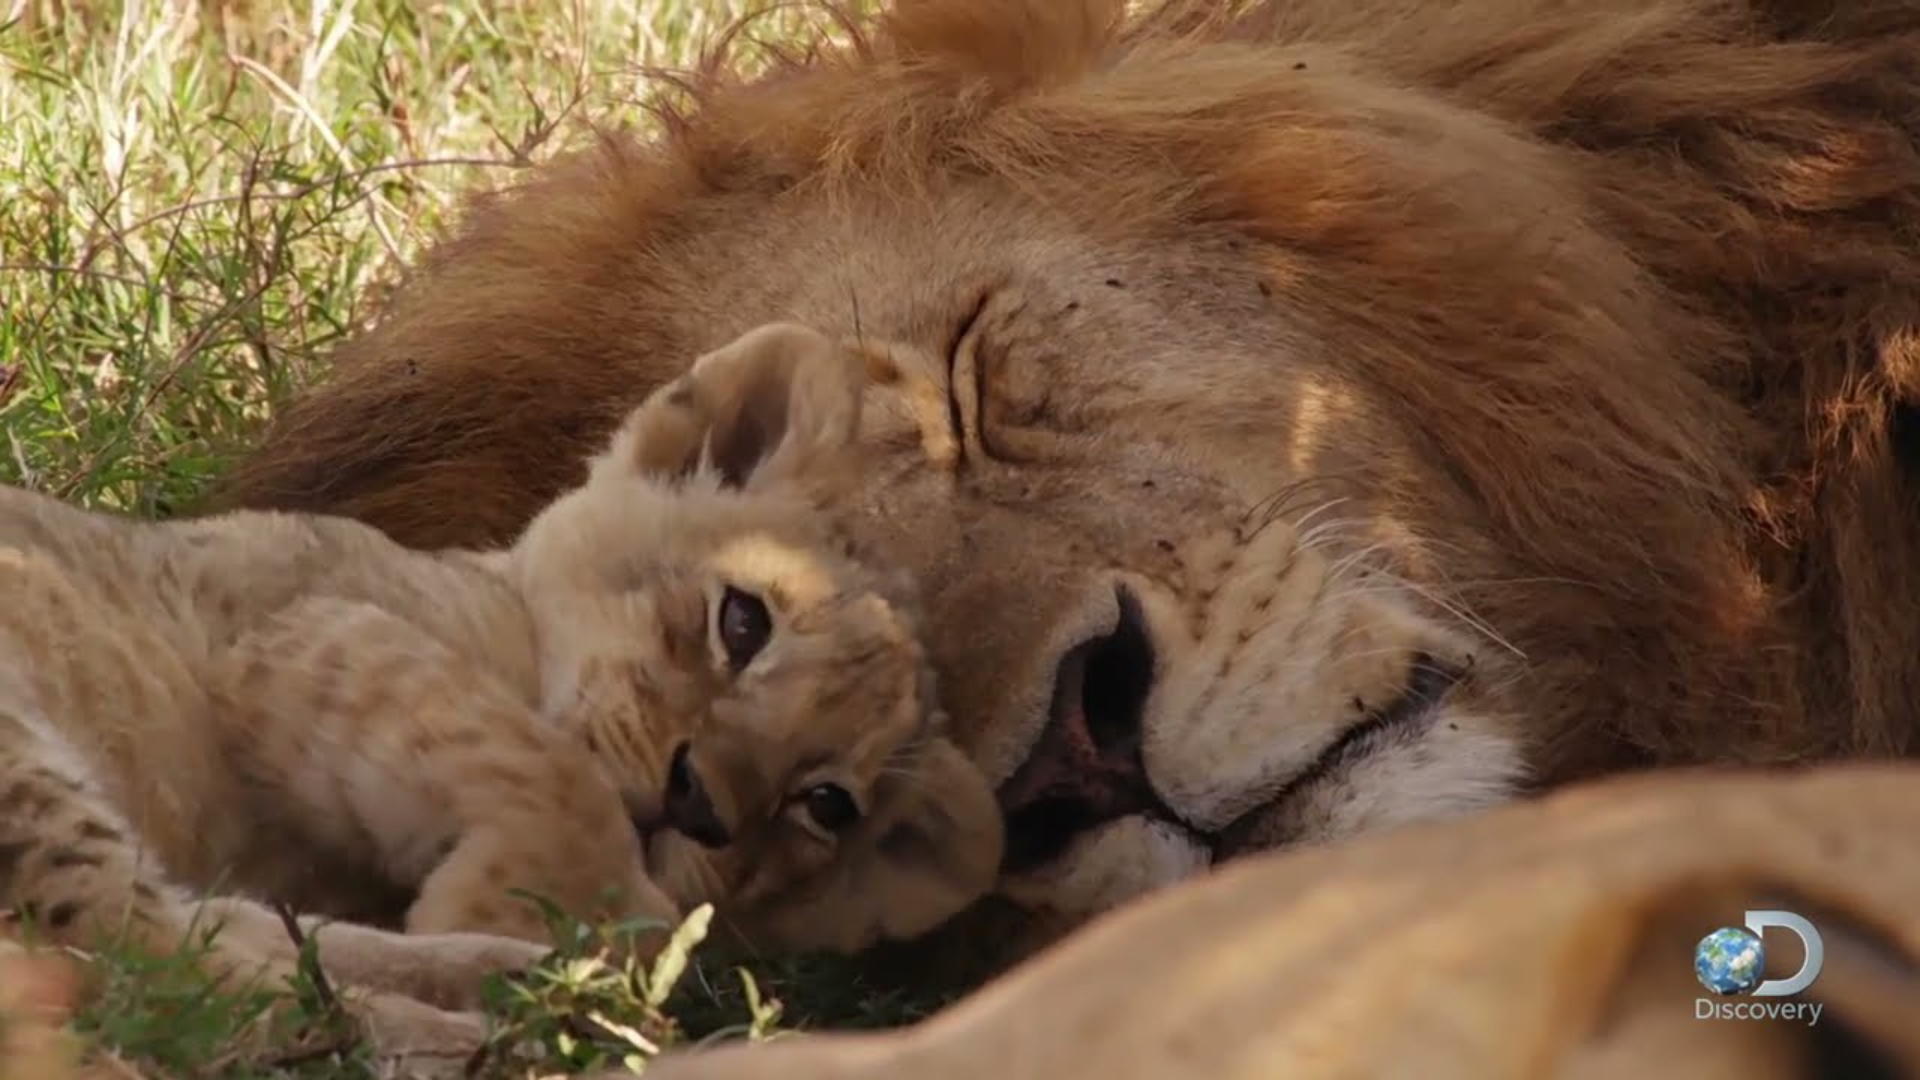 ورود توله شیرها به گله و نقش شیر نر در حفاظت از آن ها | فیلم